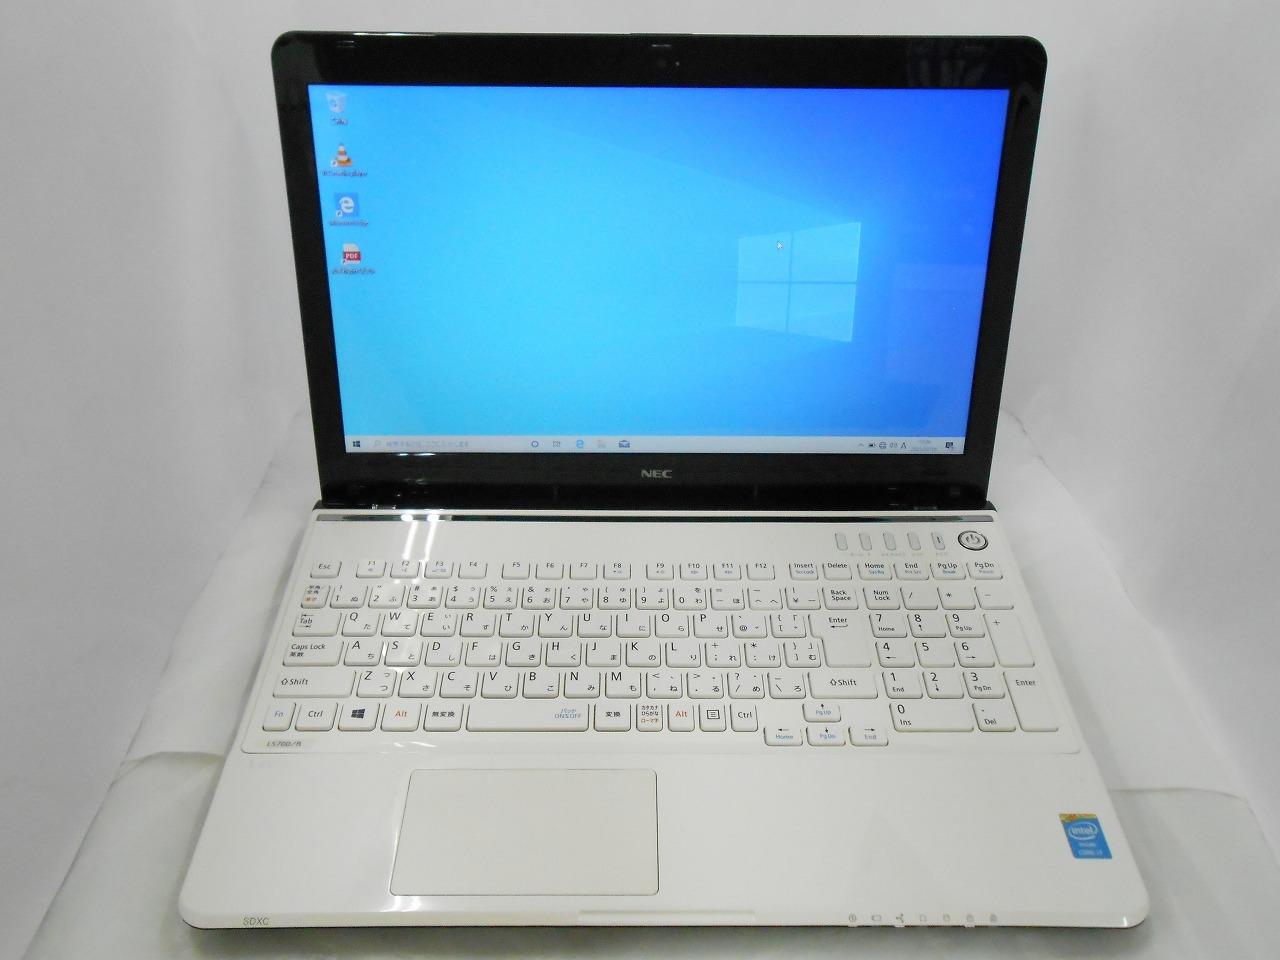 【中古】 NEC Lavie LS700/RSW/2014年モデル/Corei7 4702MQ 2.2GHz/メモリ8GB/HDD1000GB/15インチ/Windows10Home【3ヶ月保証】【足立店発送】